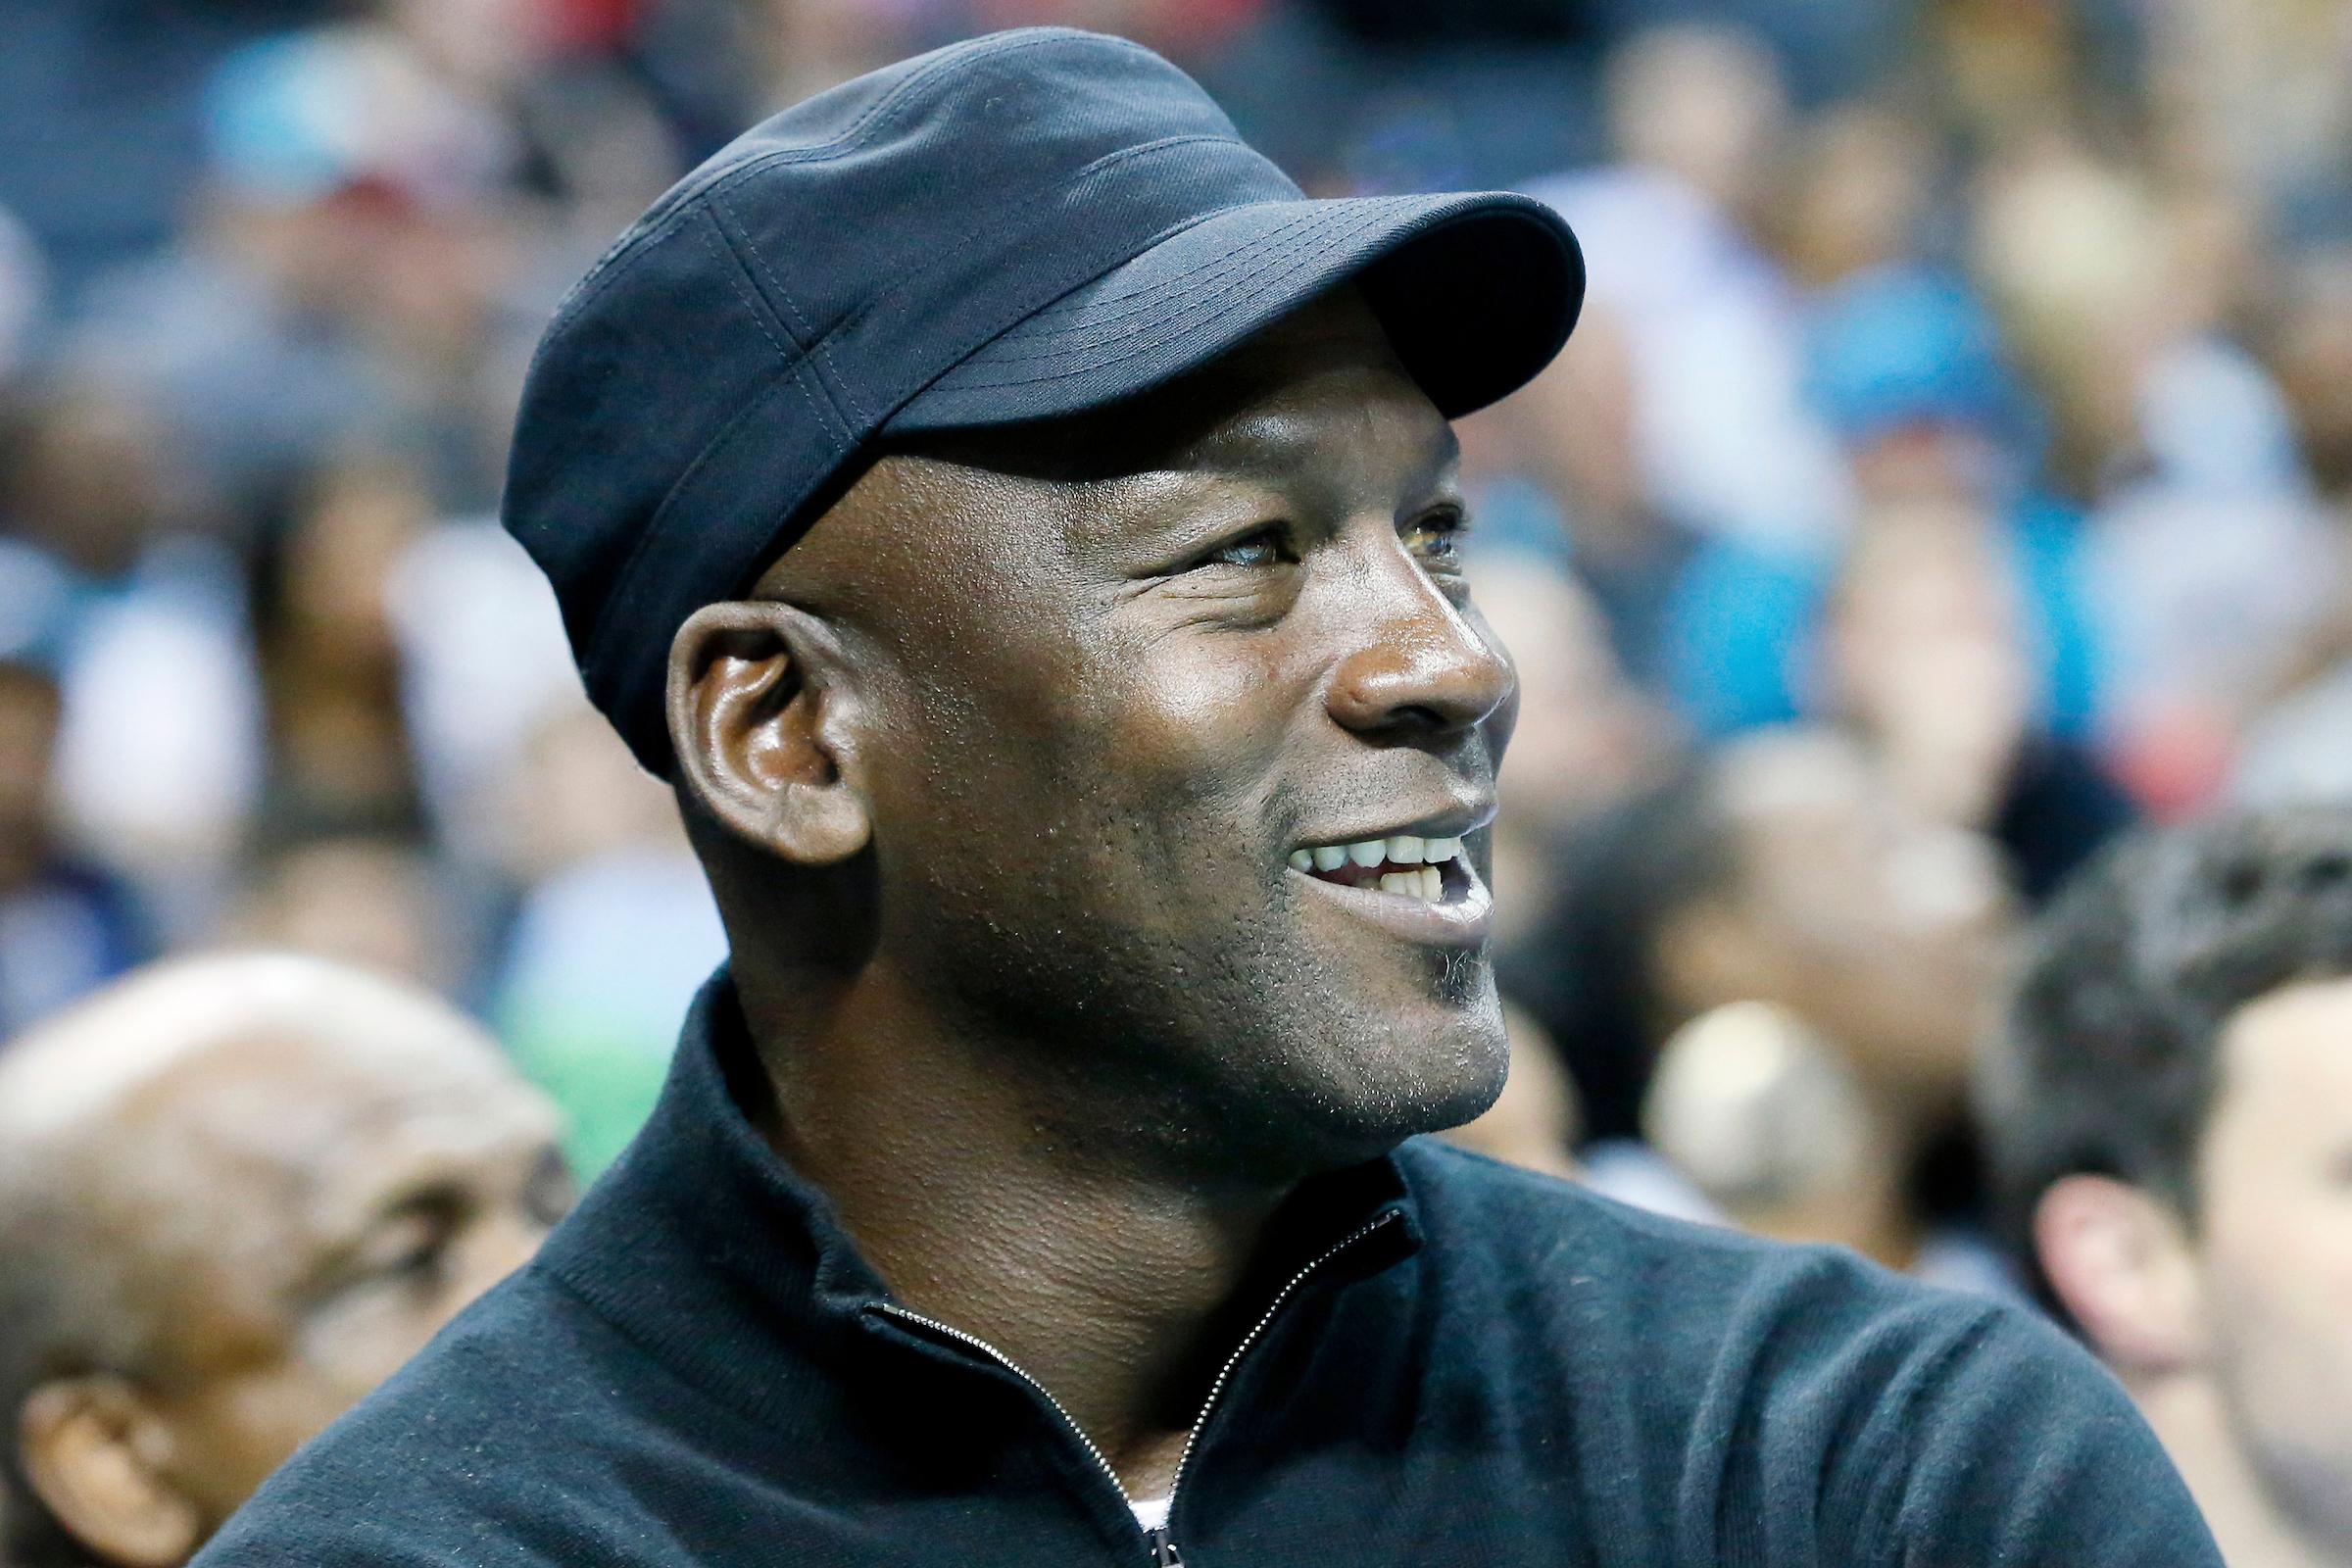 Cité par Donald Trump, Michael Jordan soutient LeBron James